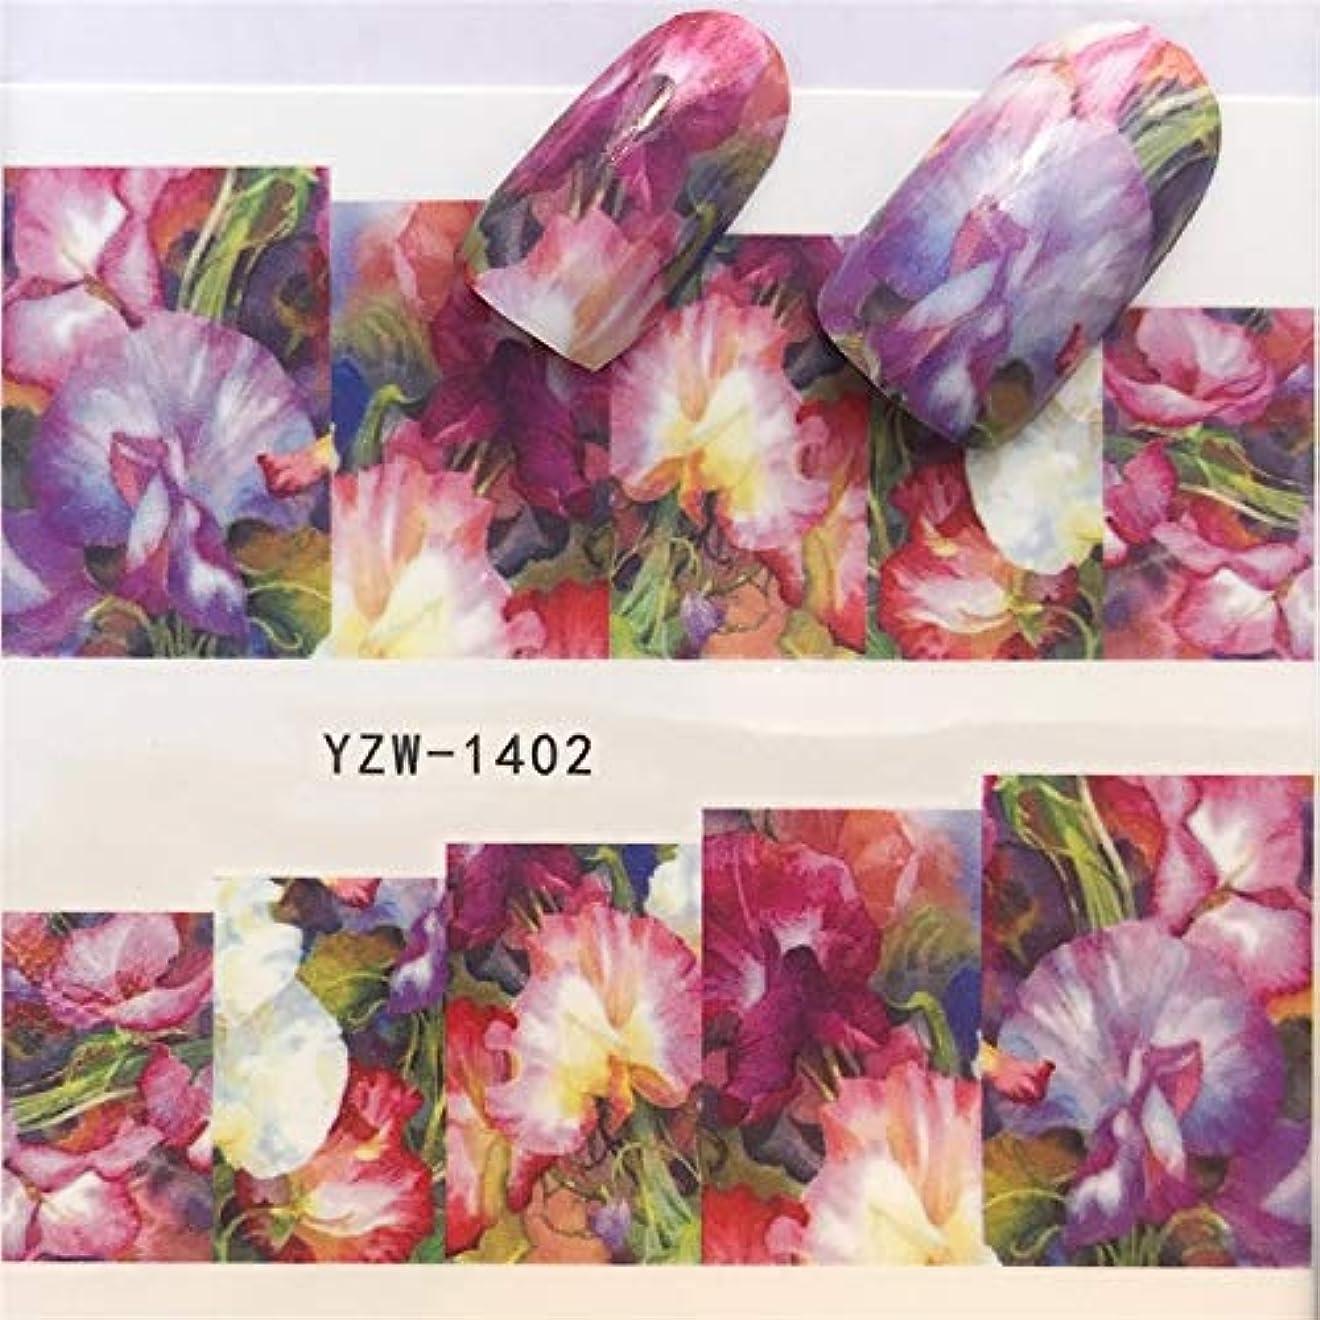 手足ビューティーケア 3個ネイルステッカーセットデカール水転写スライダーネイルアートデコレーション、色:YZW 1402